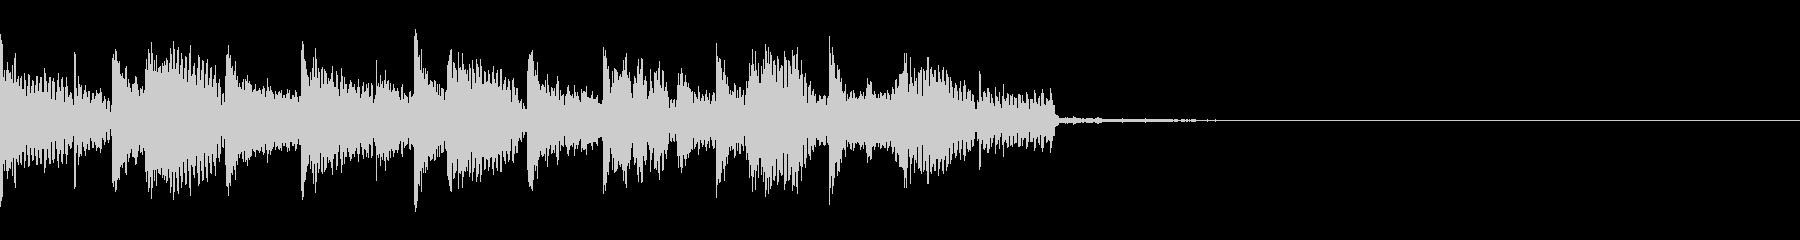 激しいエレクトロなジングル・5の未再生の波形